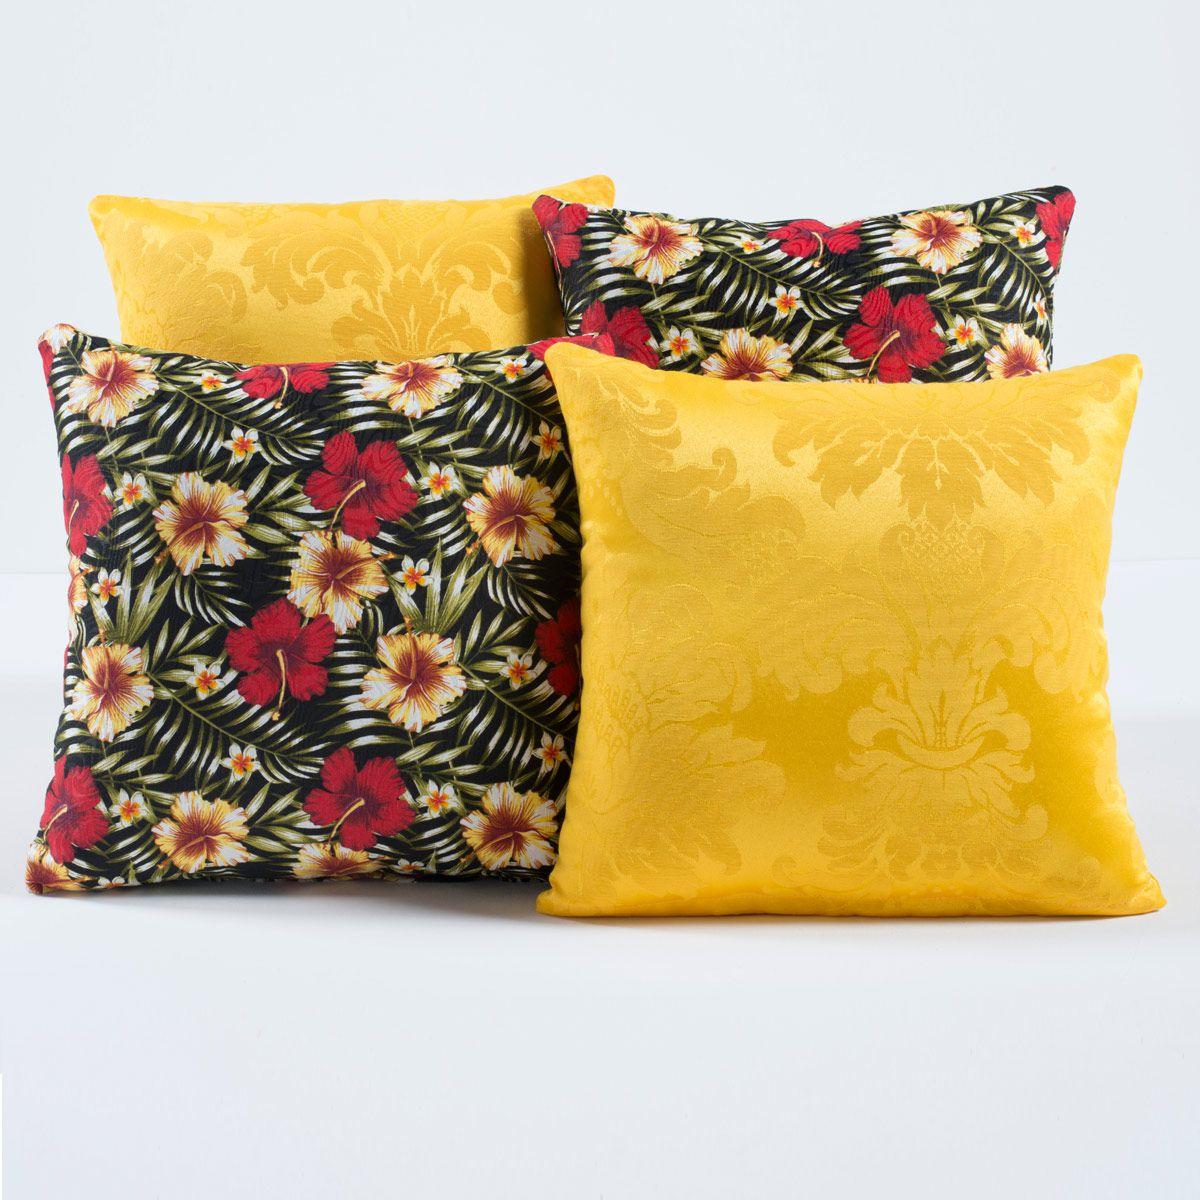 Kit Capas de Almofadas Decorativas Floral Amarelo/Preto 04 Peças